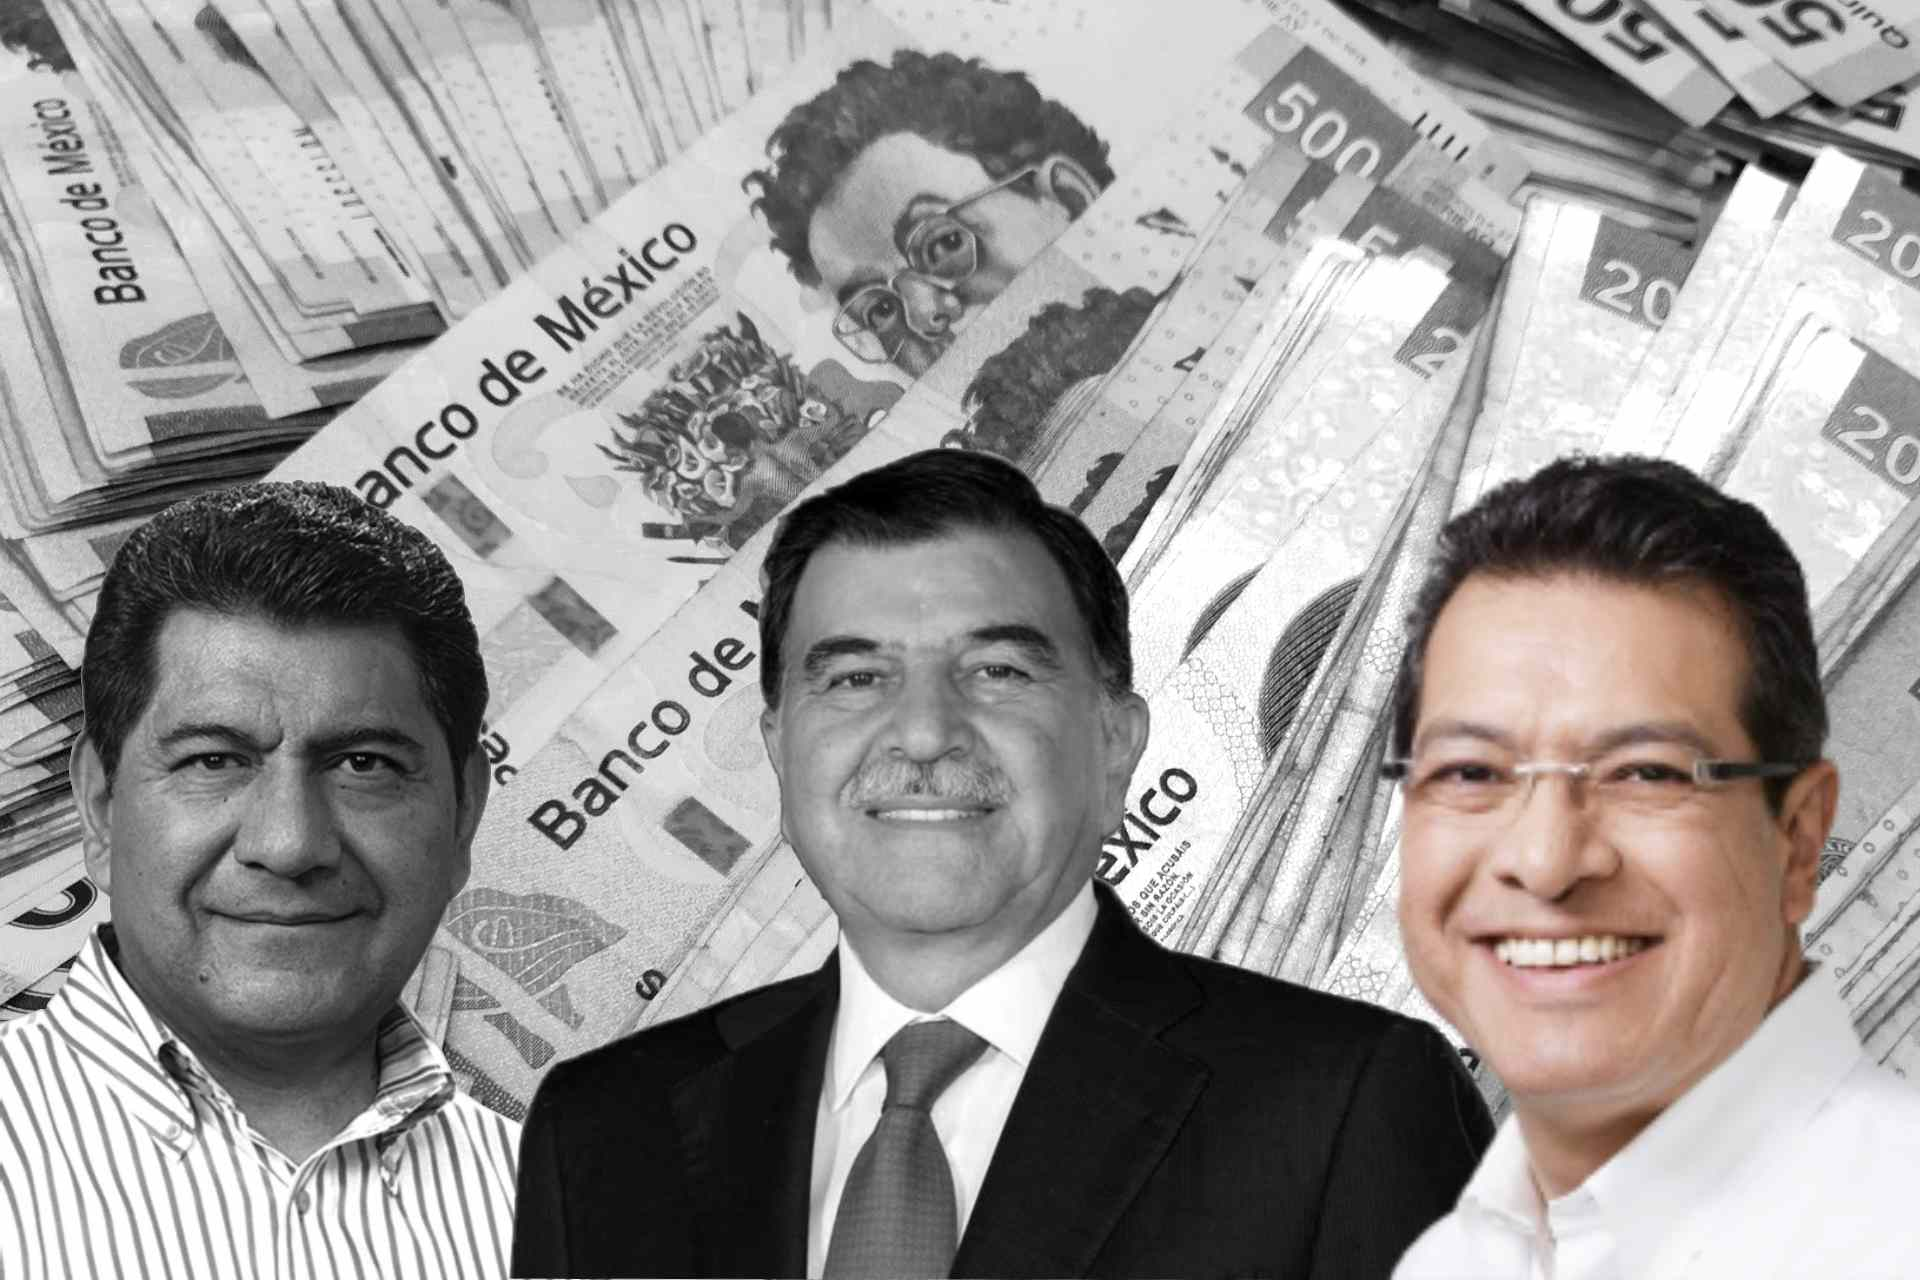 Marco Mena-Gobernador de Tlaxcala